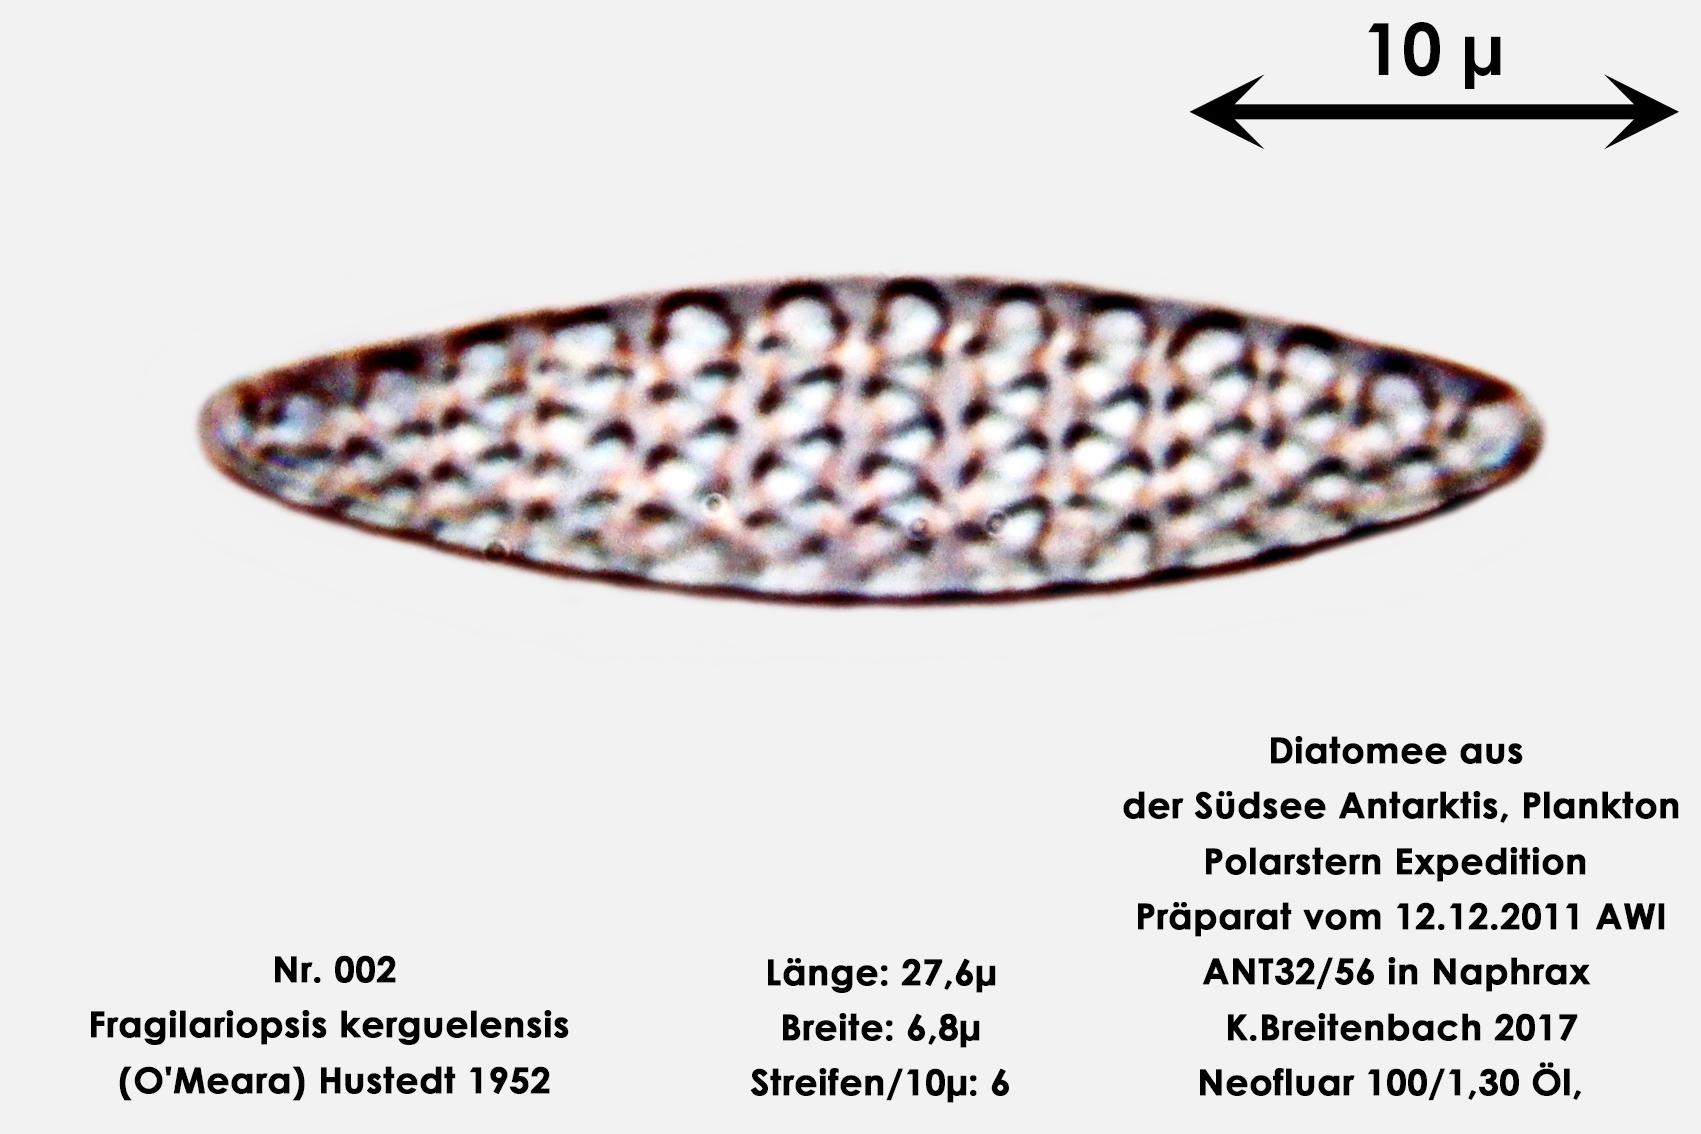 Bild 1 Art: Fragilariopsis kerguelensis (O'Meara) Hustedt 1952